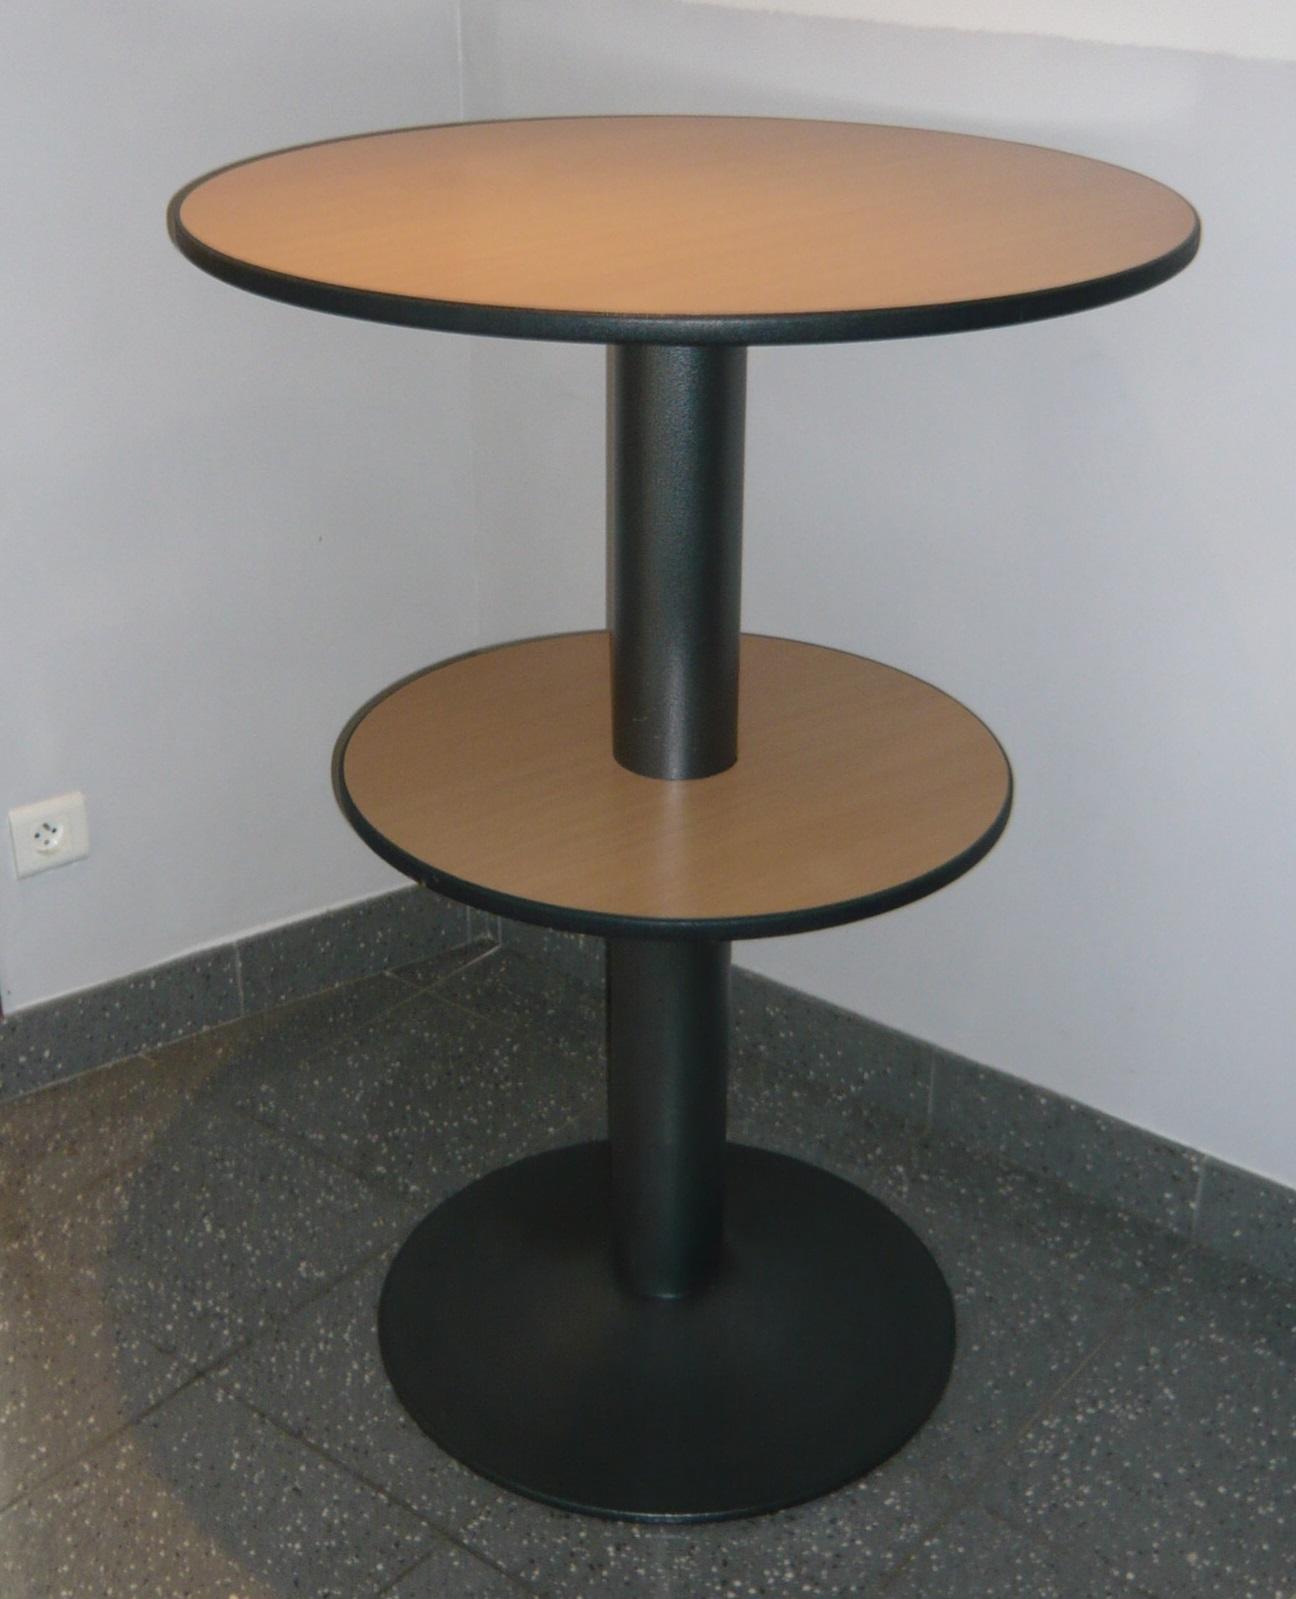 Table mange debout 2 plateaux burocase - Table mange debout but ...